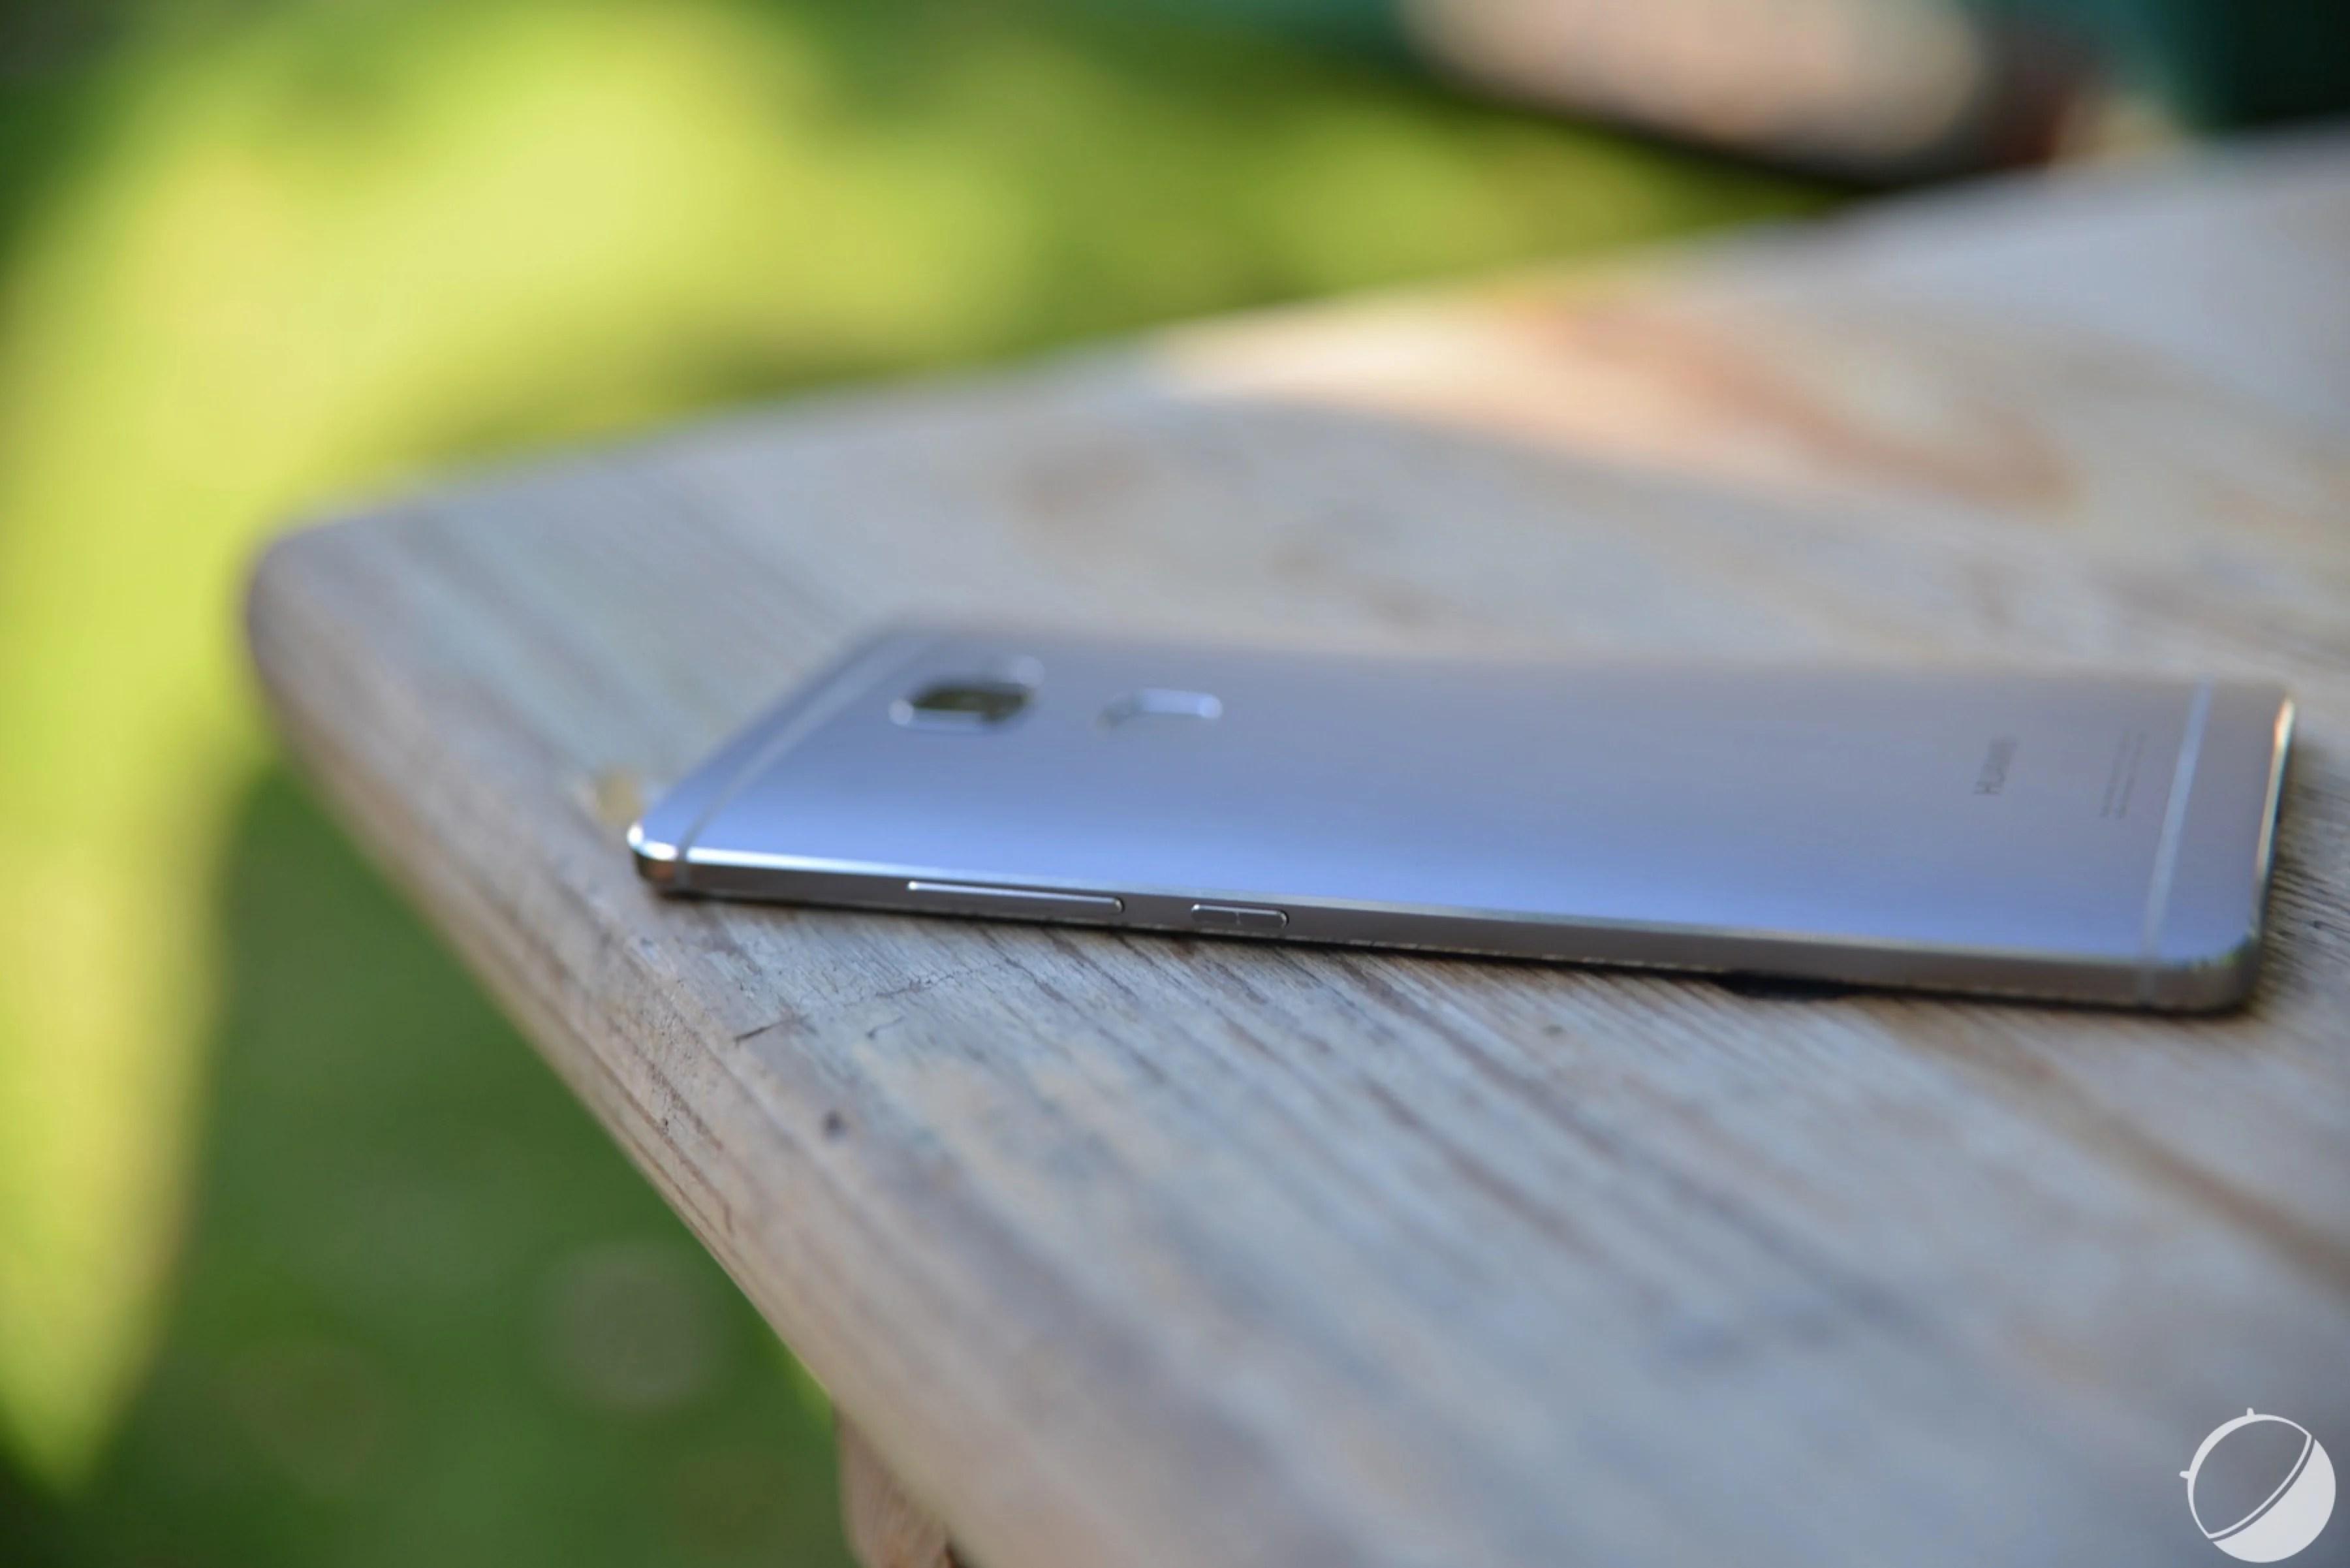 🔥 Bon plan : Le Huawei Mate S à 383 euros (au lieu de 649 à sa sortie)